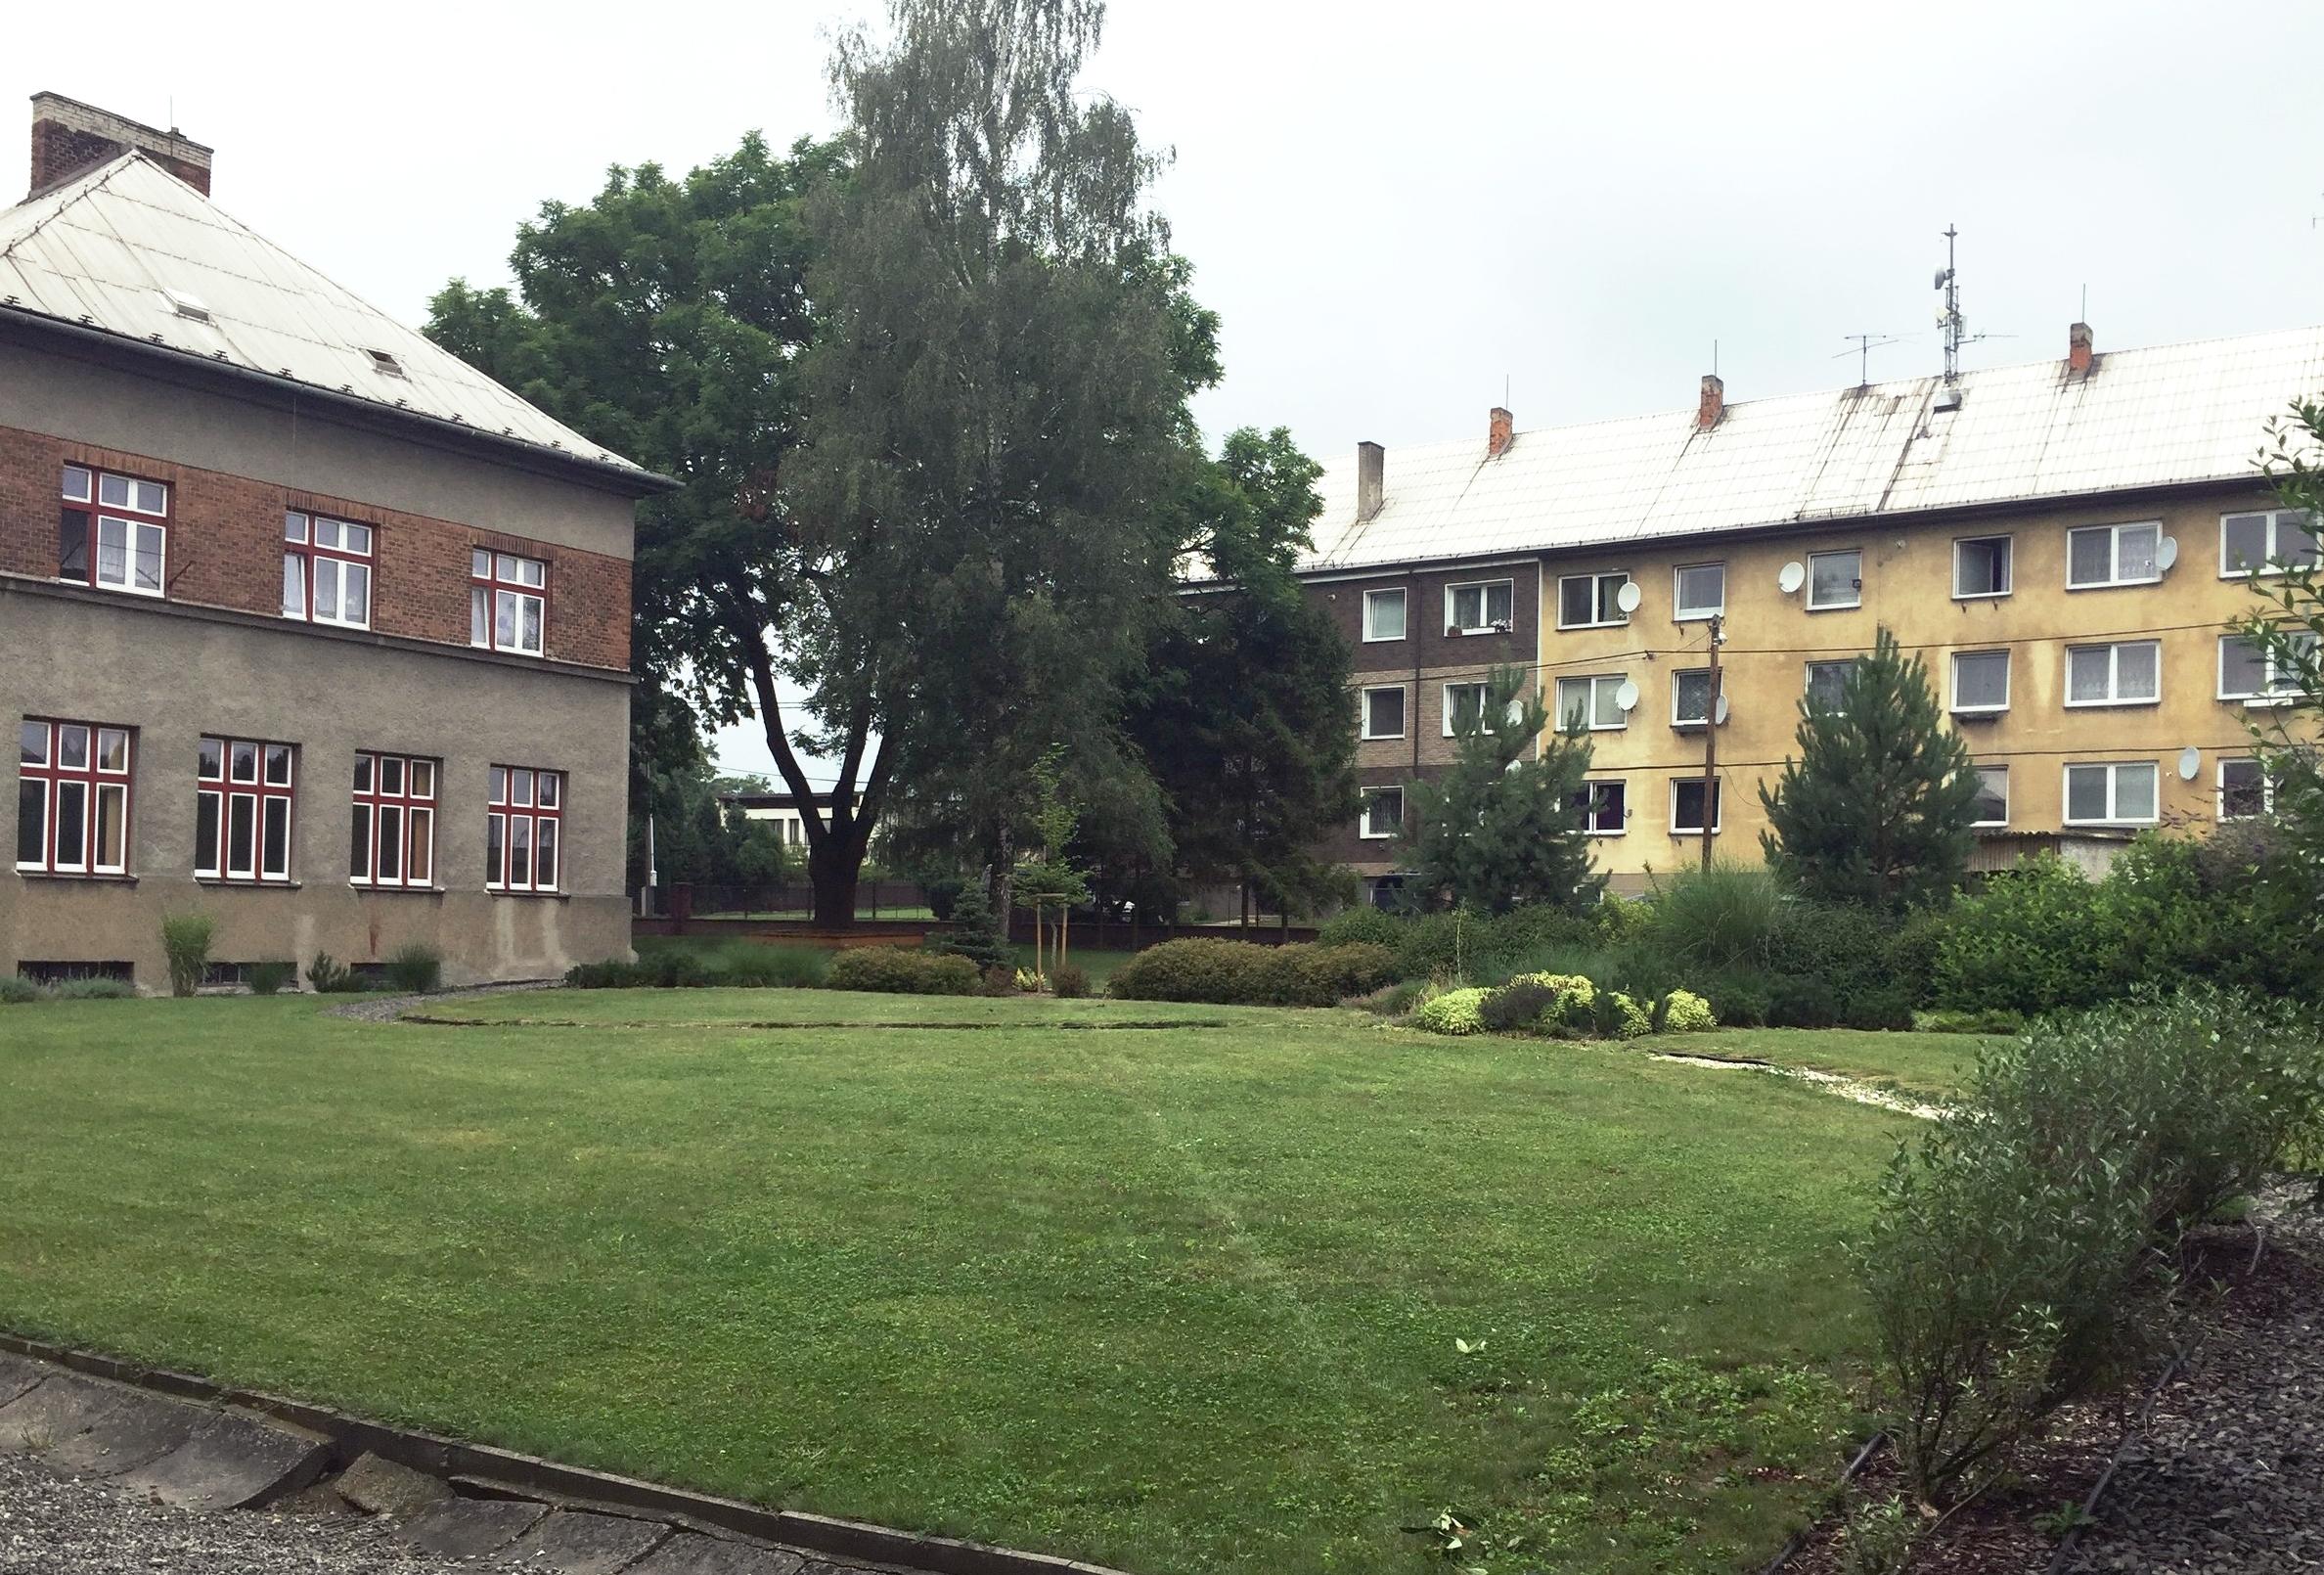 Zahrada školy má jen okrasnou část, užitková zahrada schází.